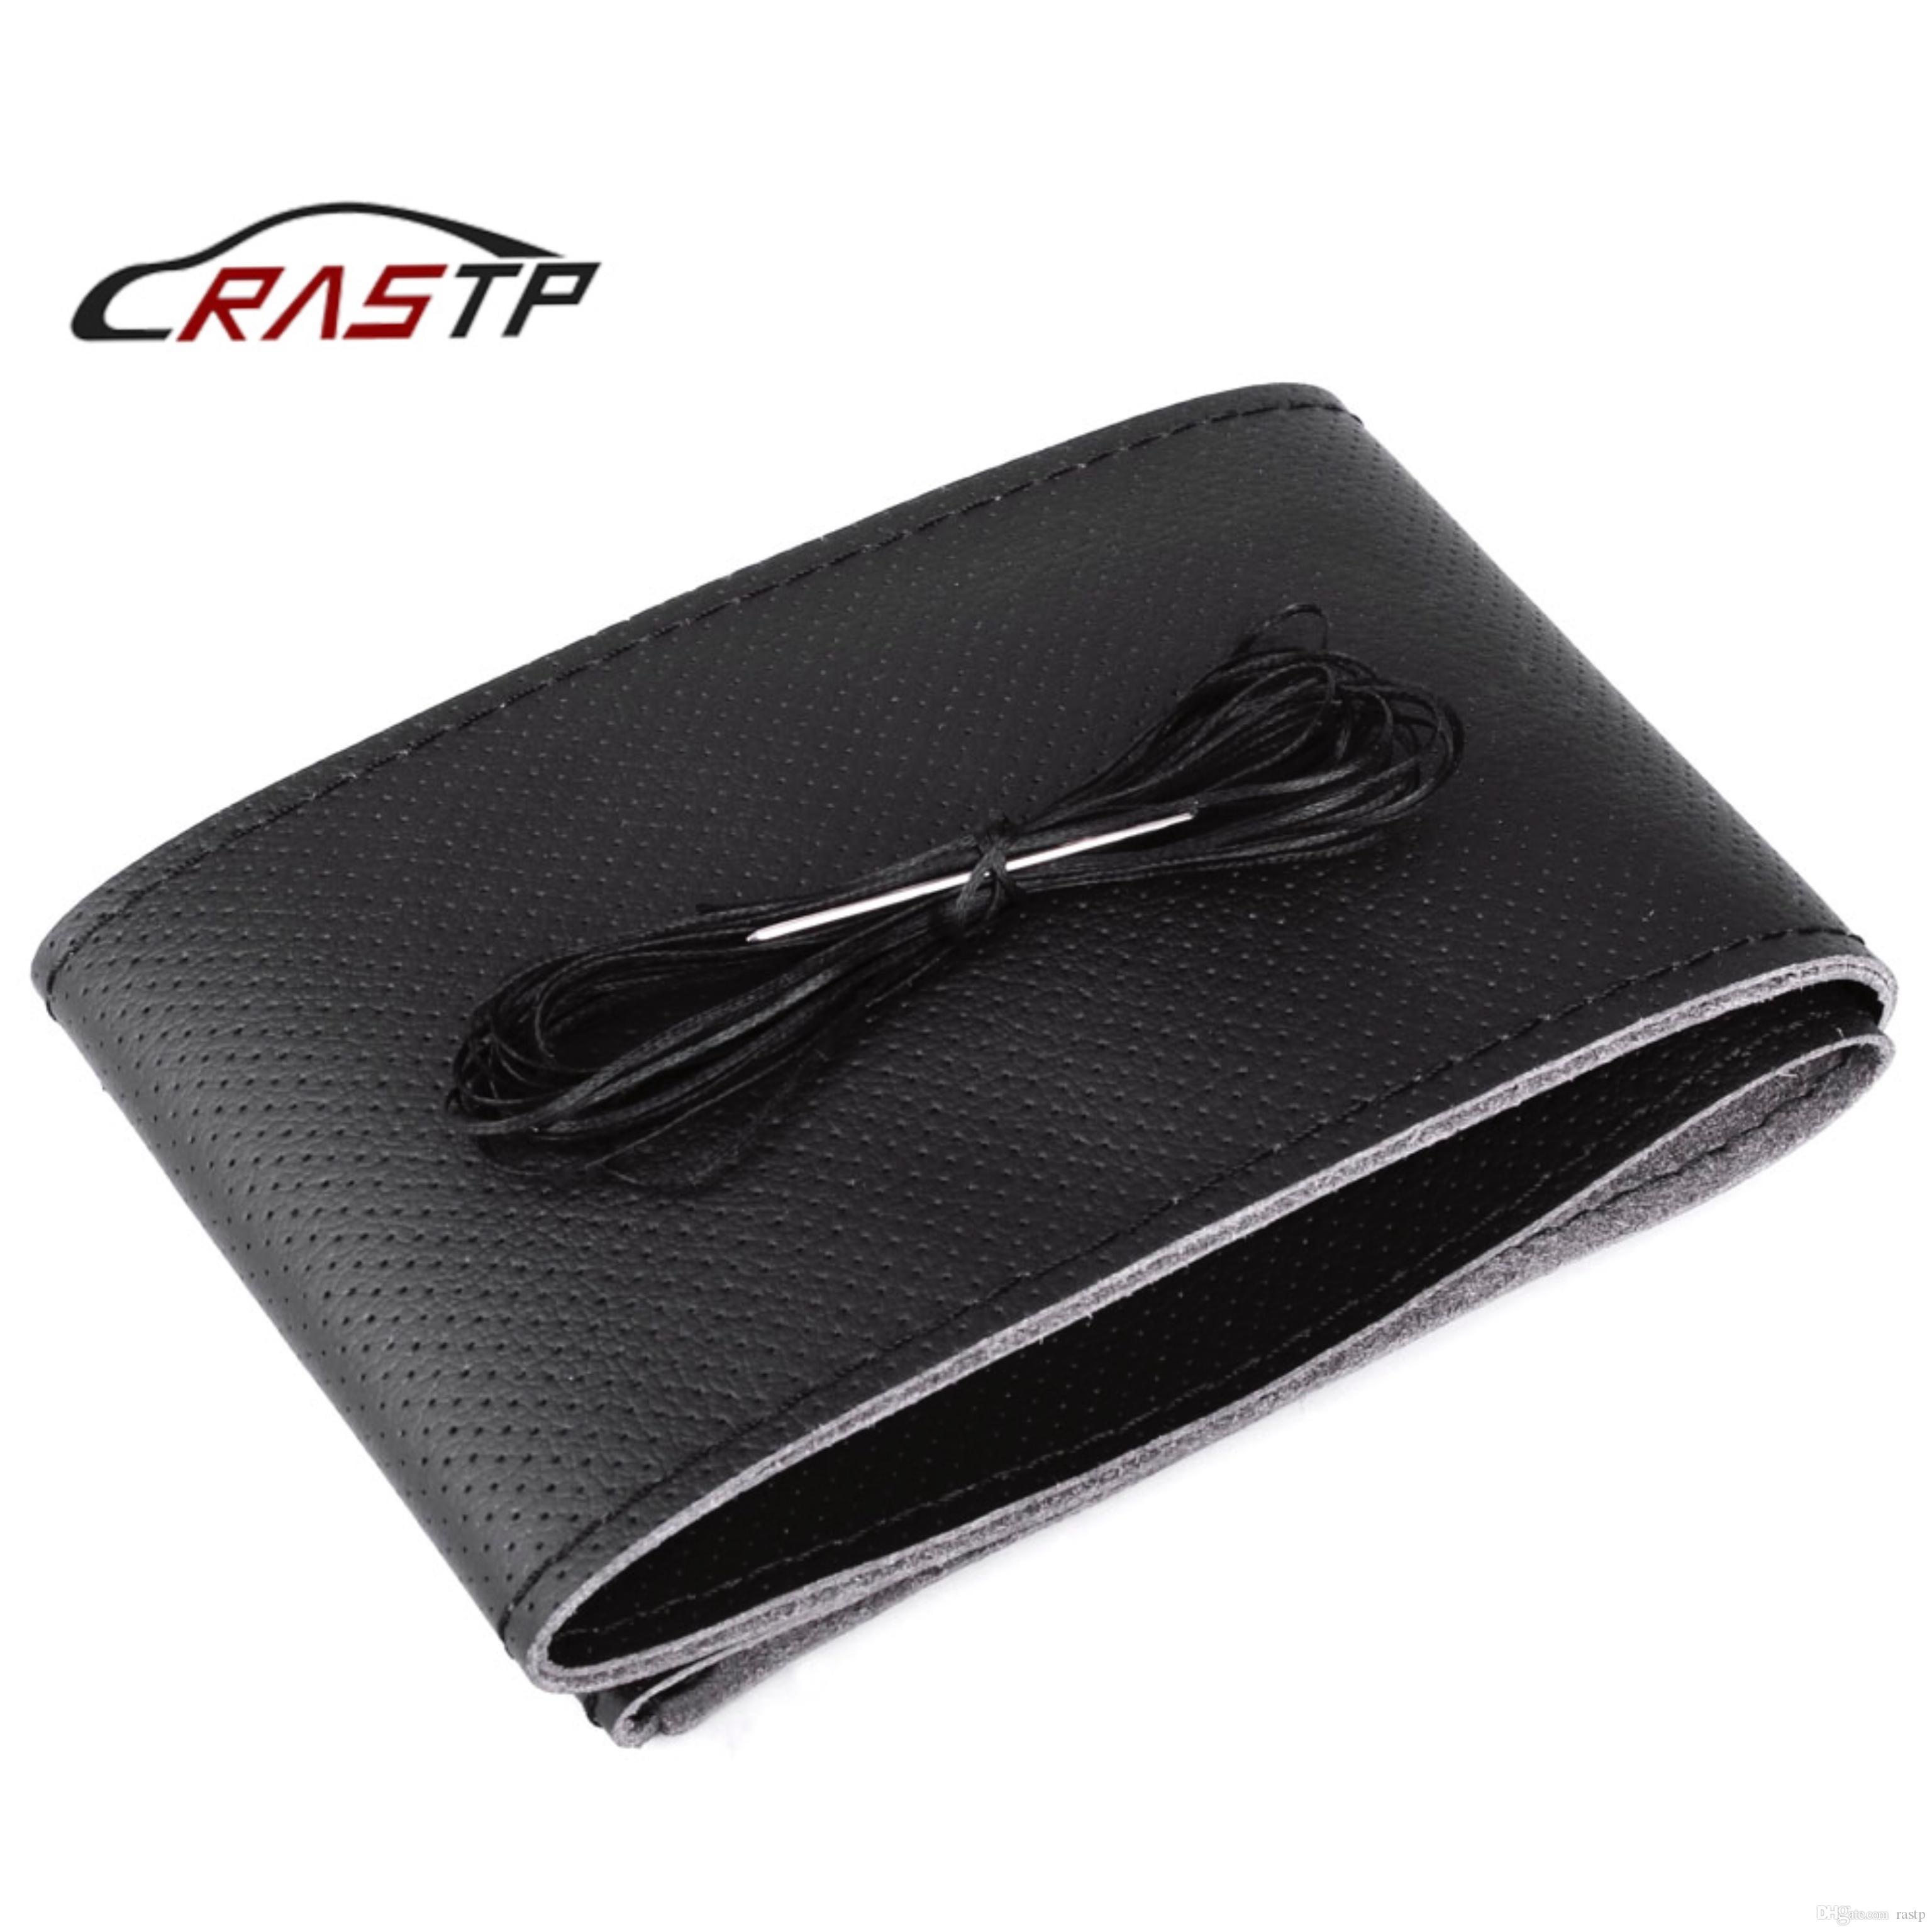 RASTP-Auto Accesorios para el coche cubierta del volante del cuero de la fibra micro 38cm DIY de la trenza en el volante negro RS-STW014-Hole